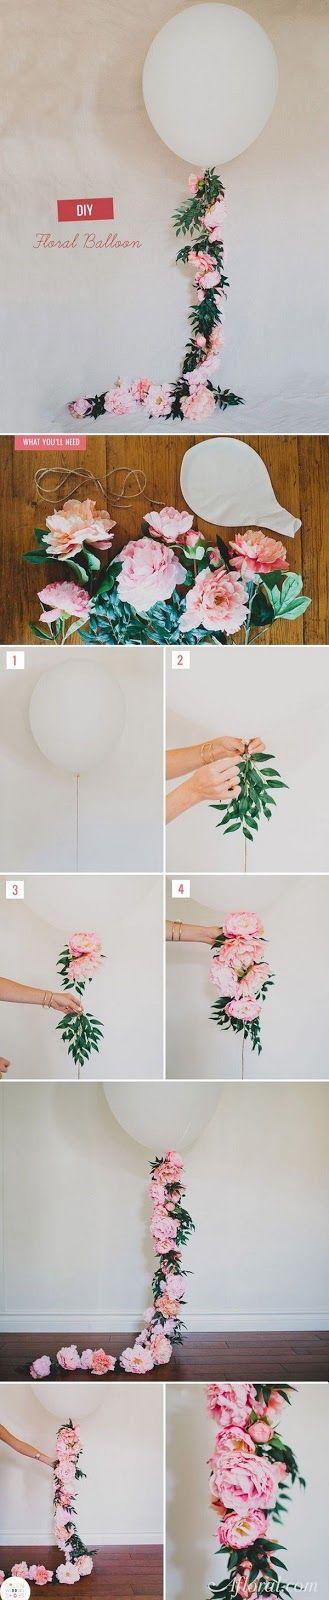 Partilerin olmazsa olmazı balonlar mekanları eğlenceli hale getirerek renklendirmeyi başarıyor.Ufak ve hoş dokunuşlarla partinizi ne...